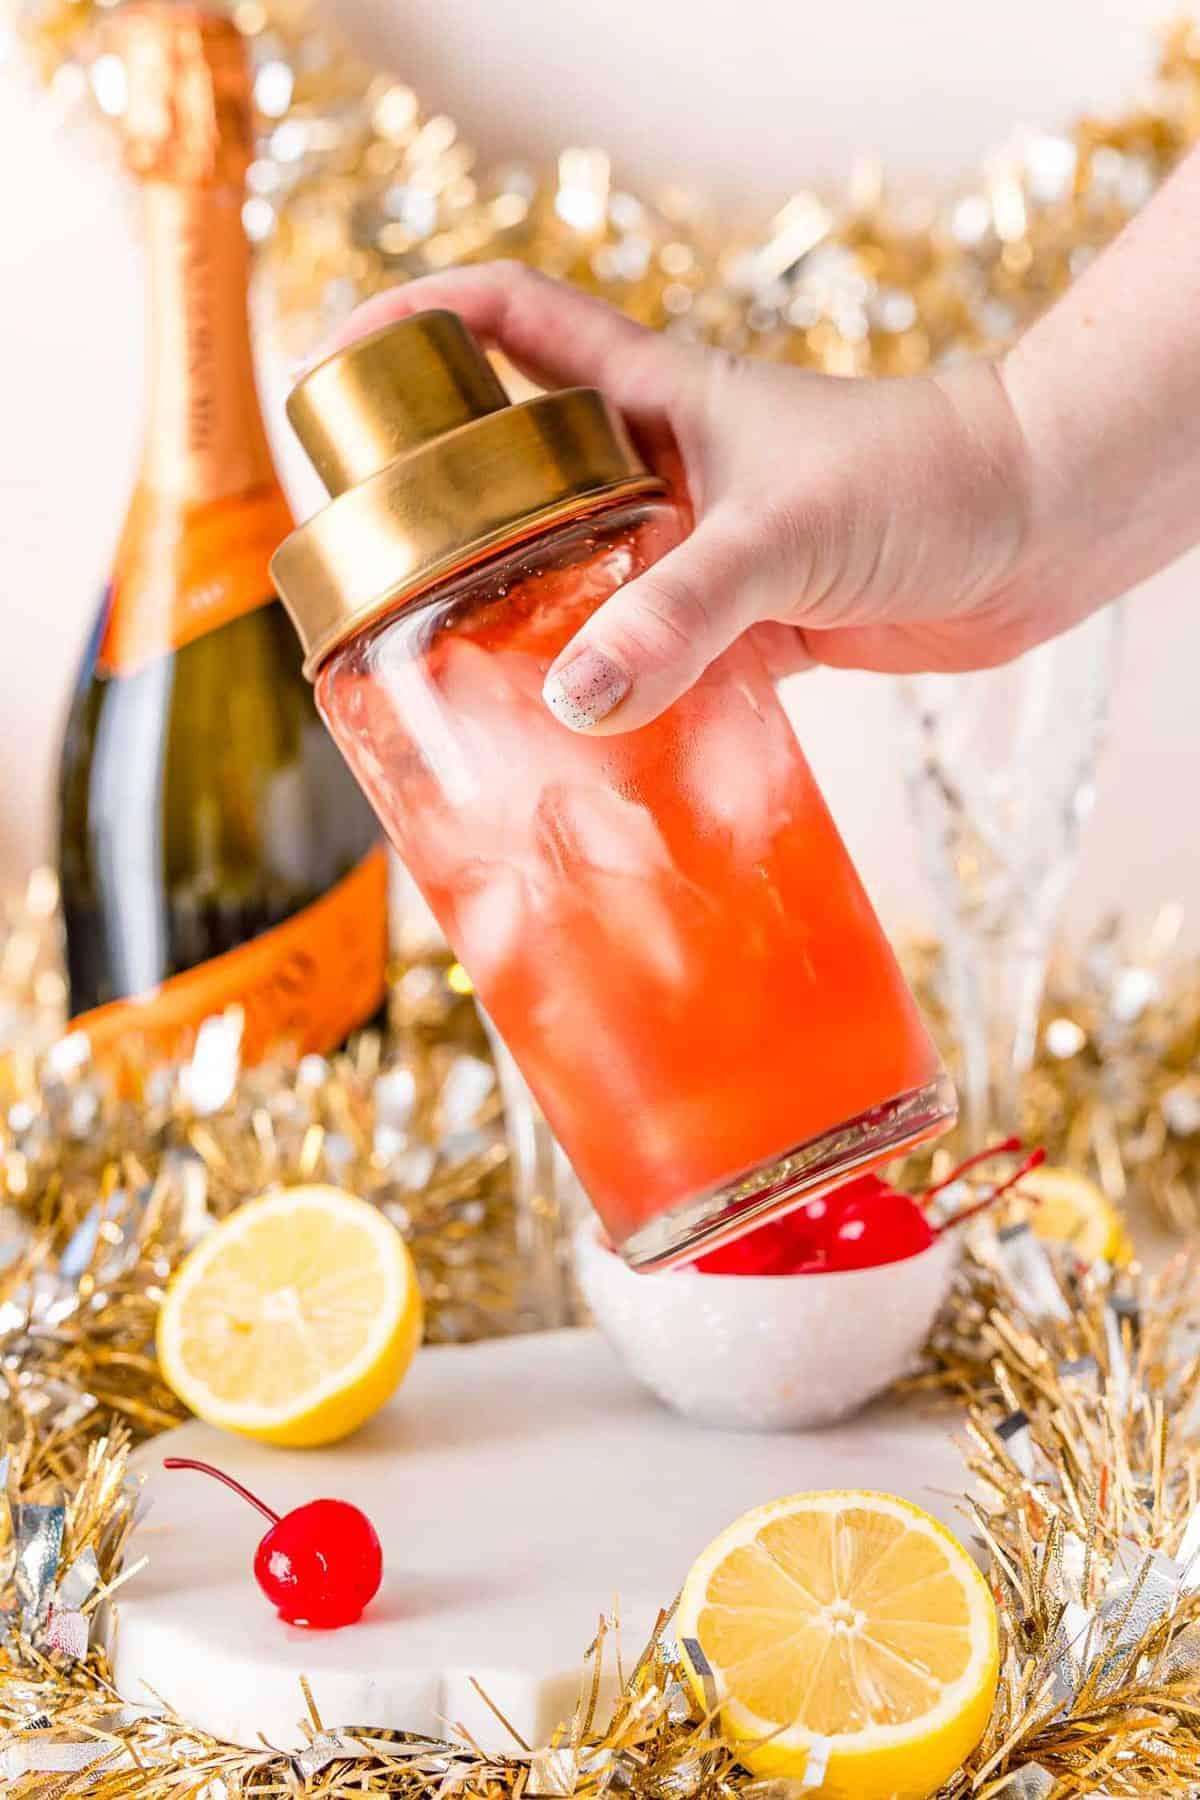 Cocktail shaker full of light red liquid.